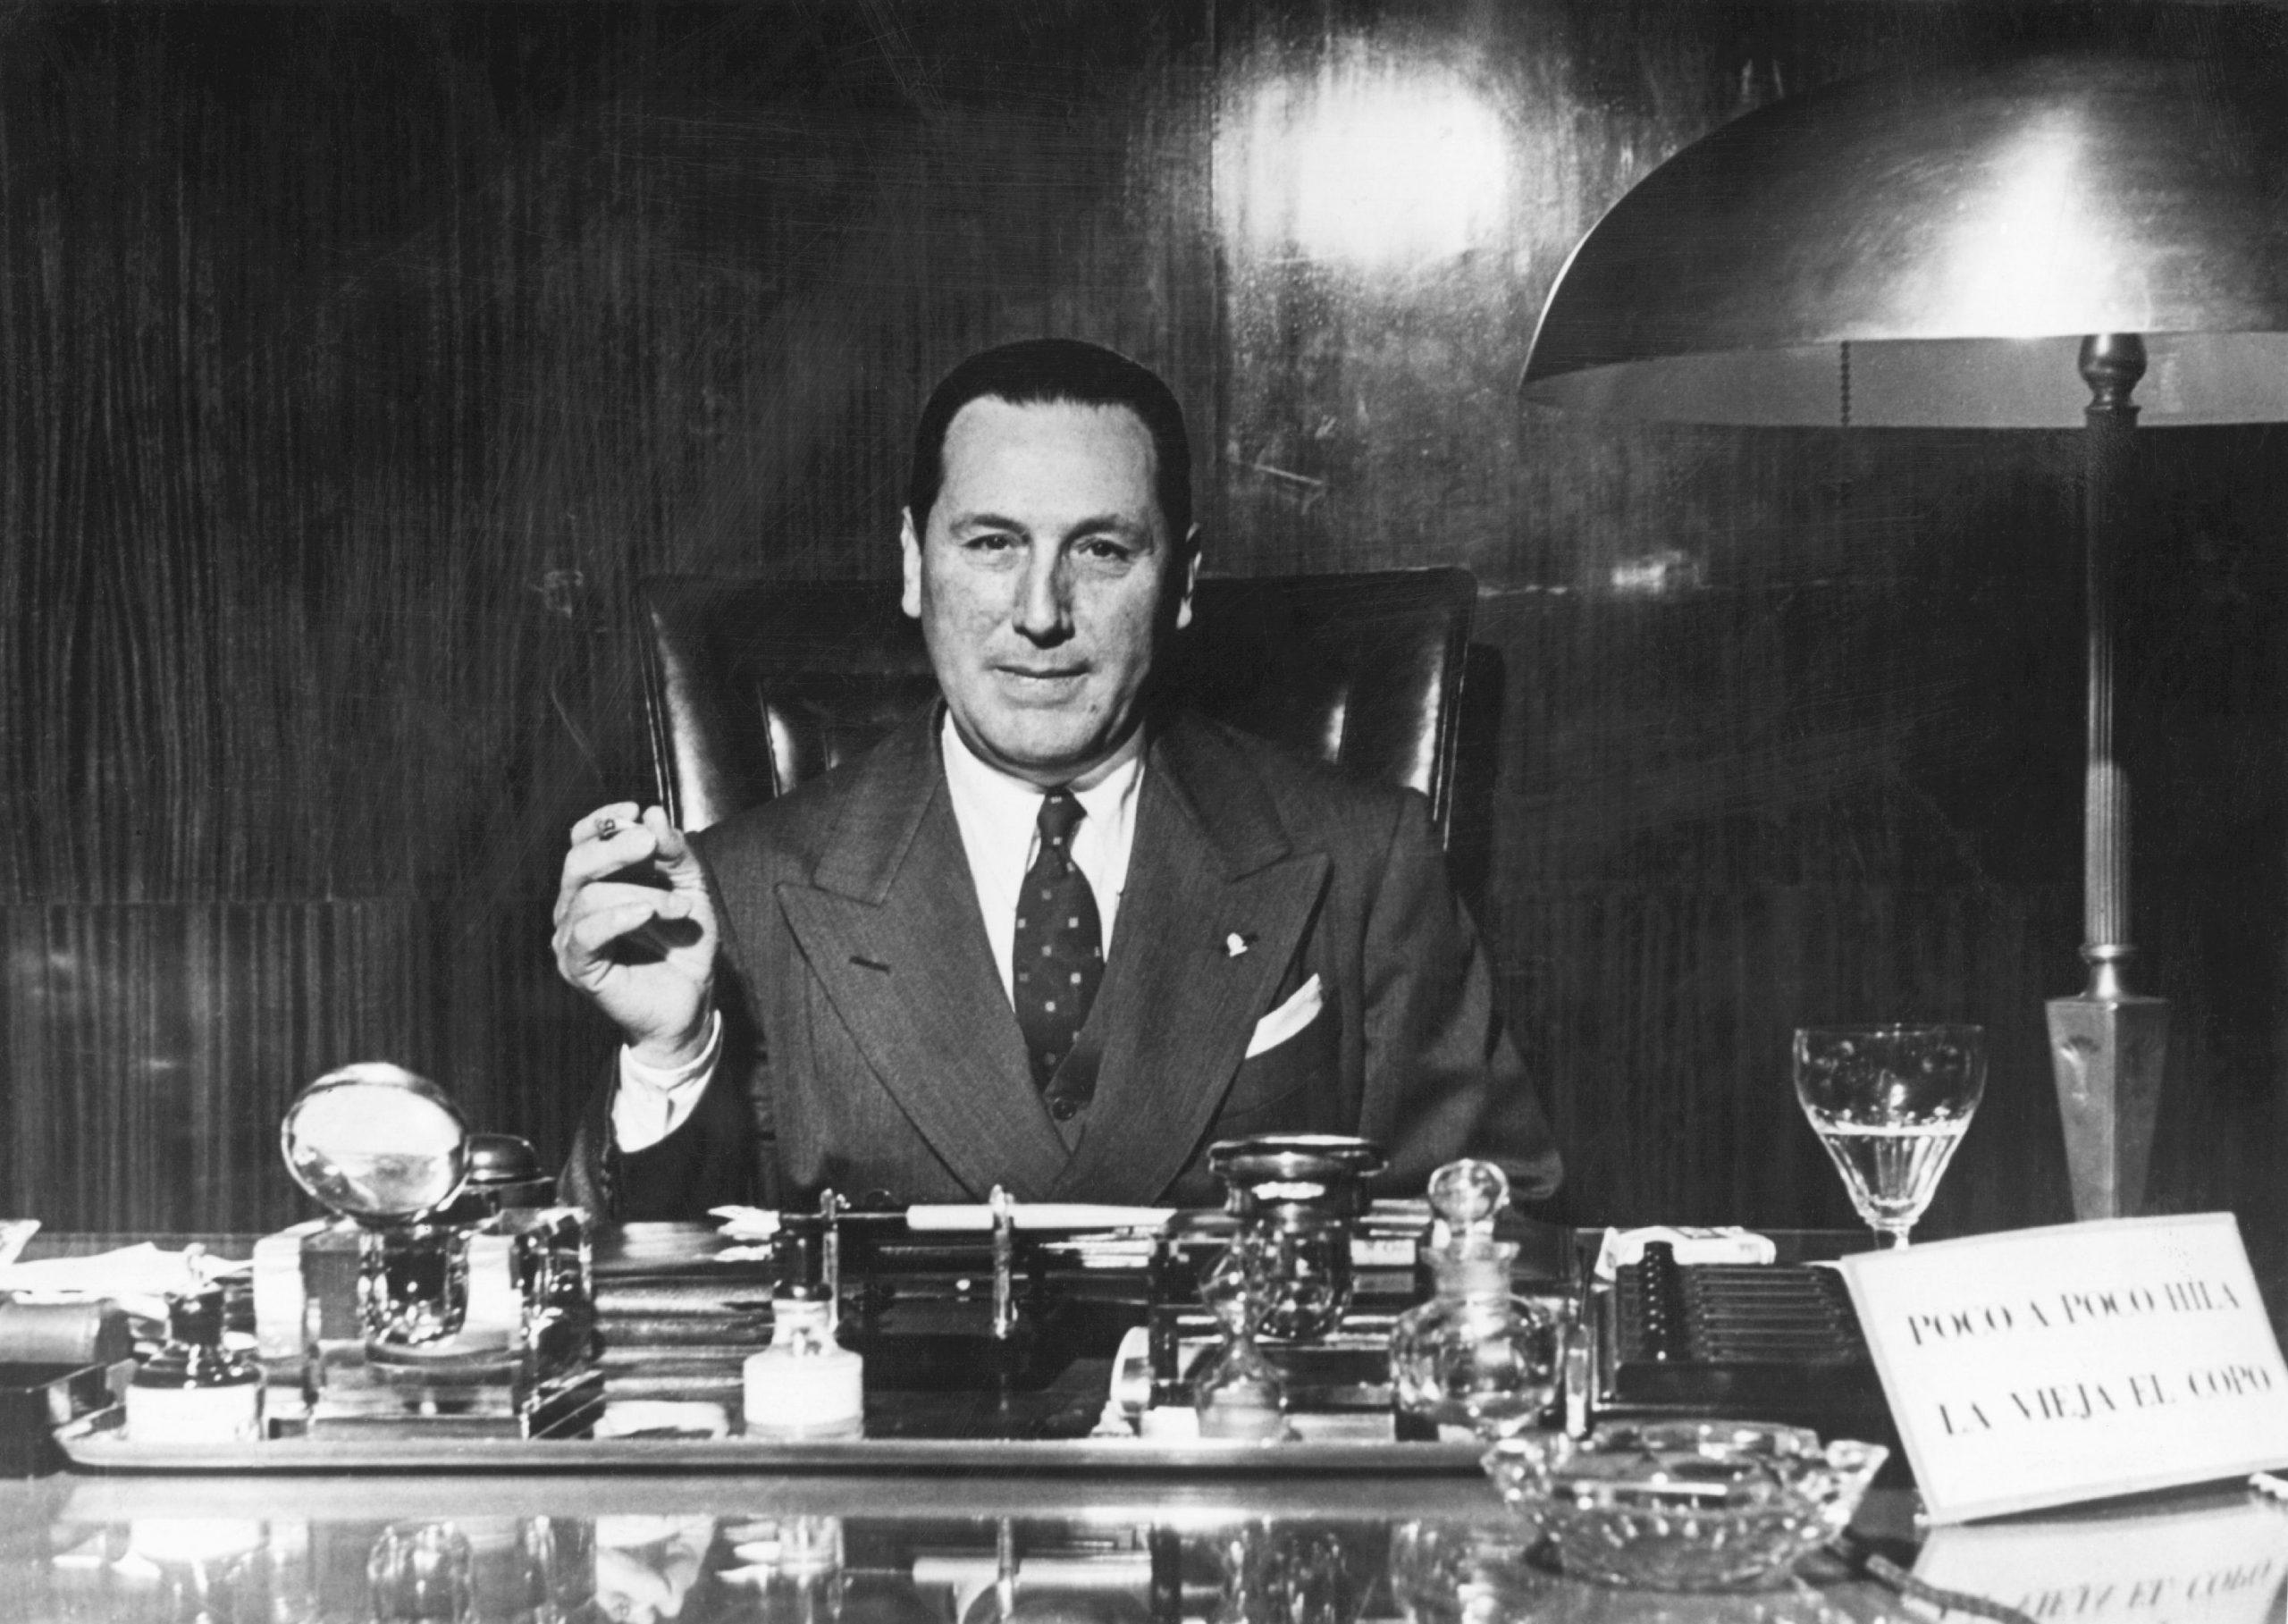 A 125 años del nacimiento de Juan Domingo Perón, la diputada Mayoral afirmó que «tuvo la enorme responsabilidad de servir a la patria con convicciones»